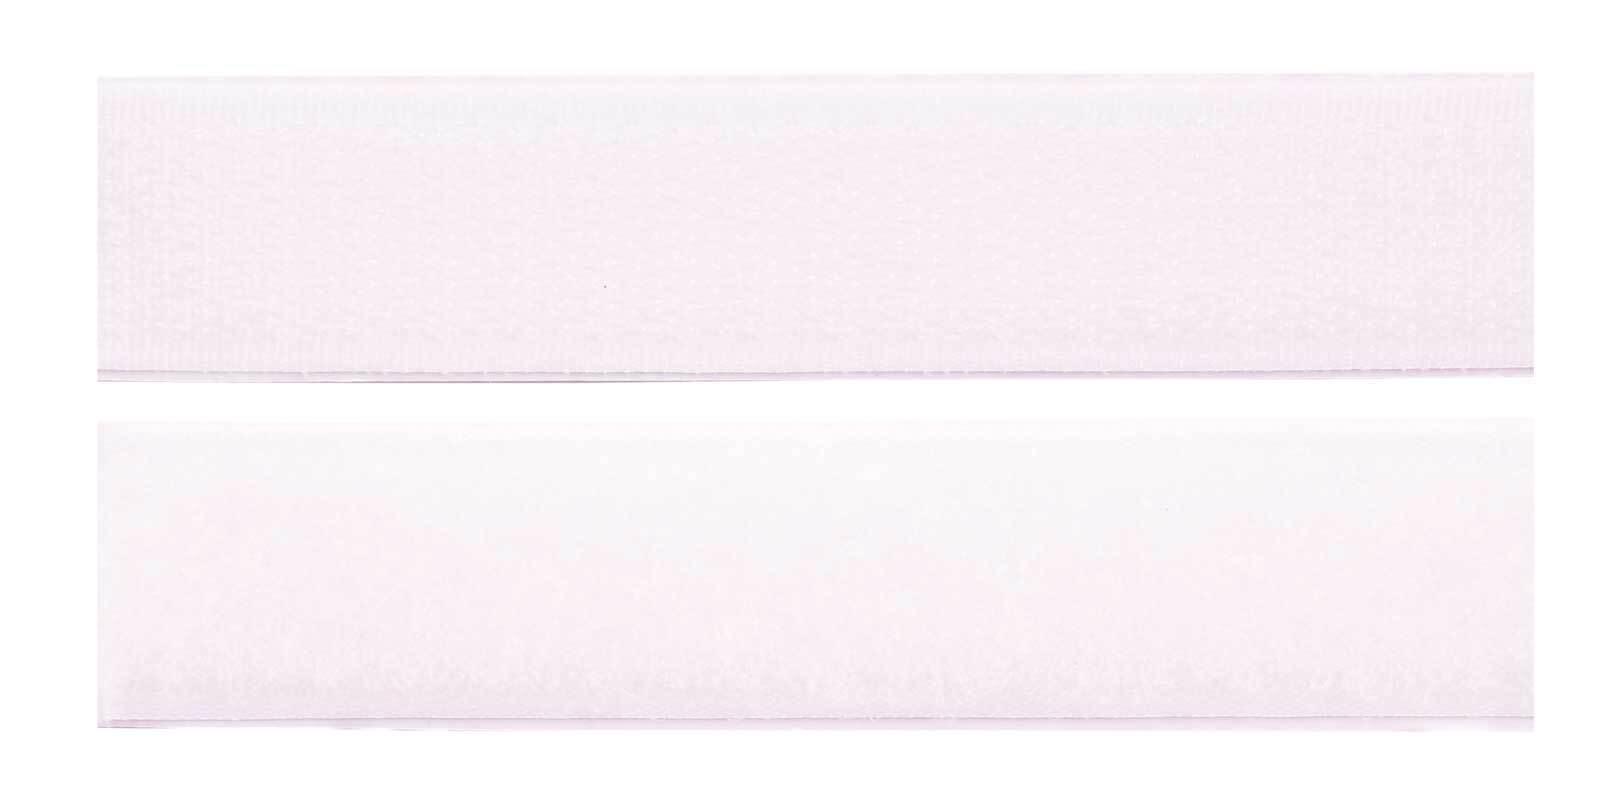 Klettband - selbstklebend, weiß